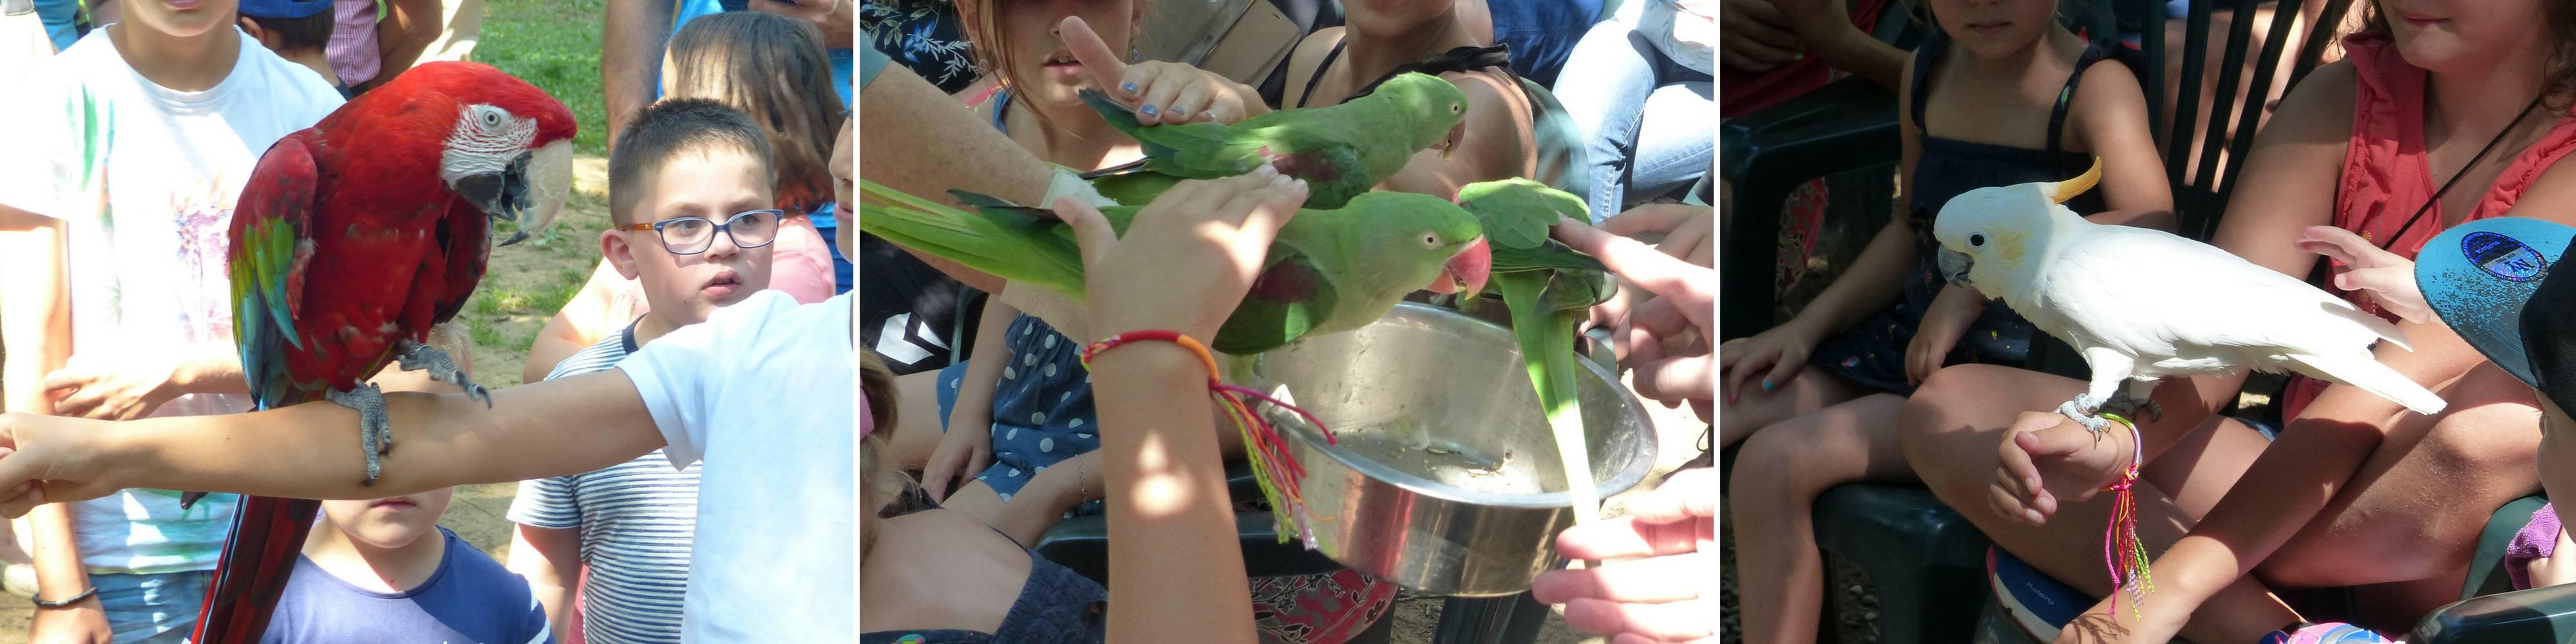 Entrance price parrots park